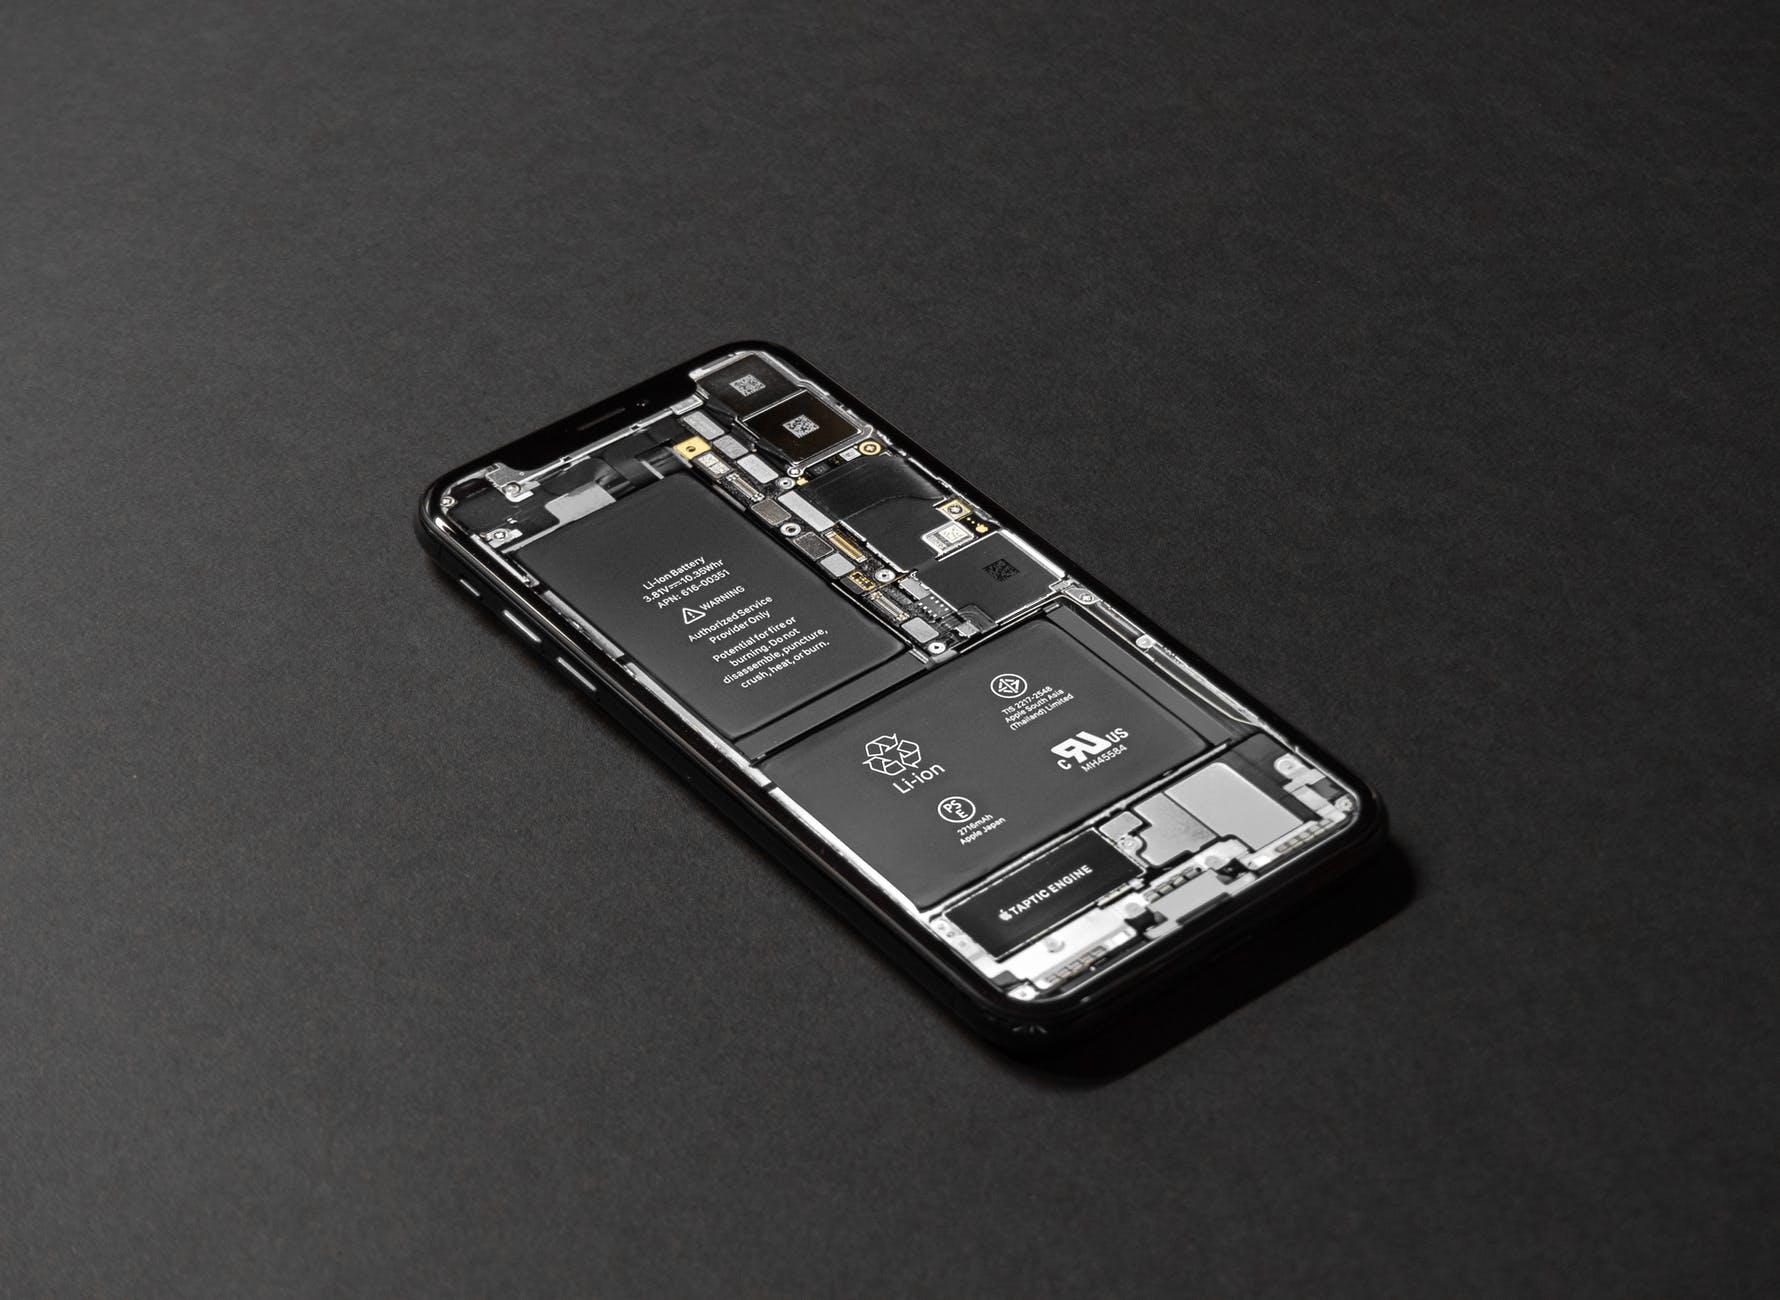 Läsarfråga: Batterilivslängd på iPhone?